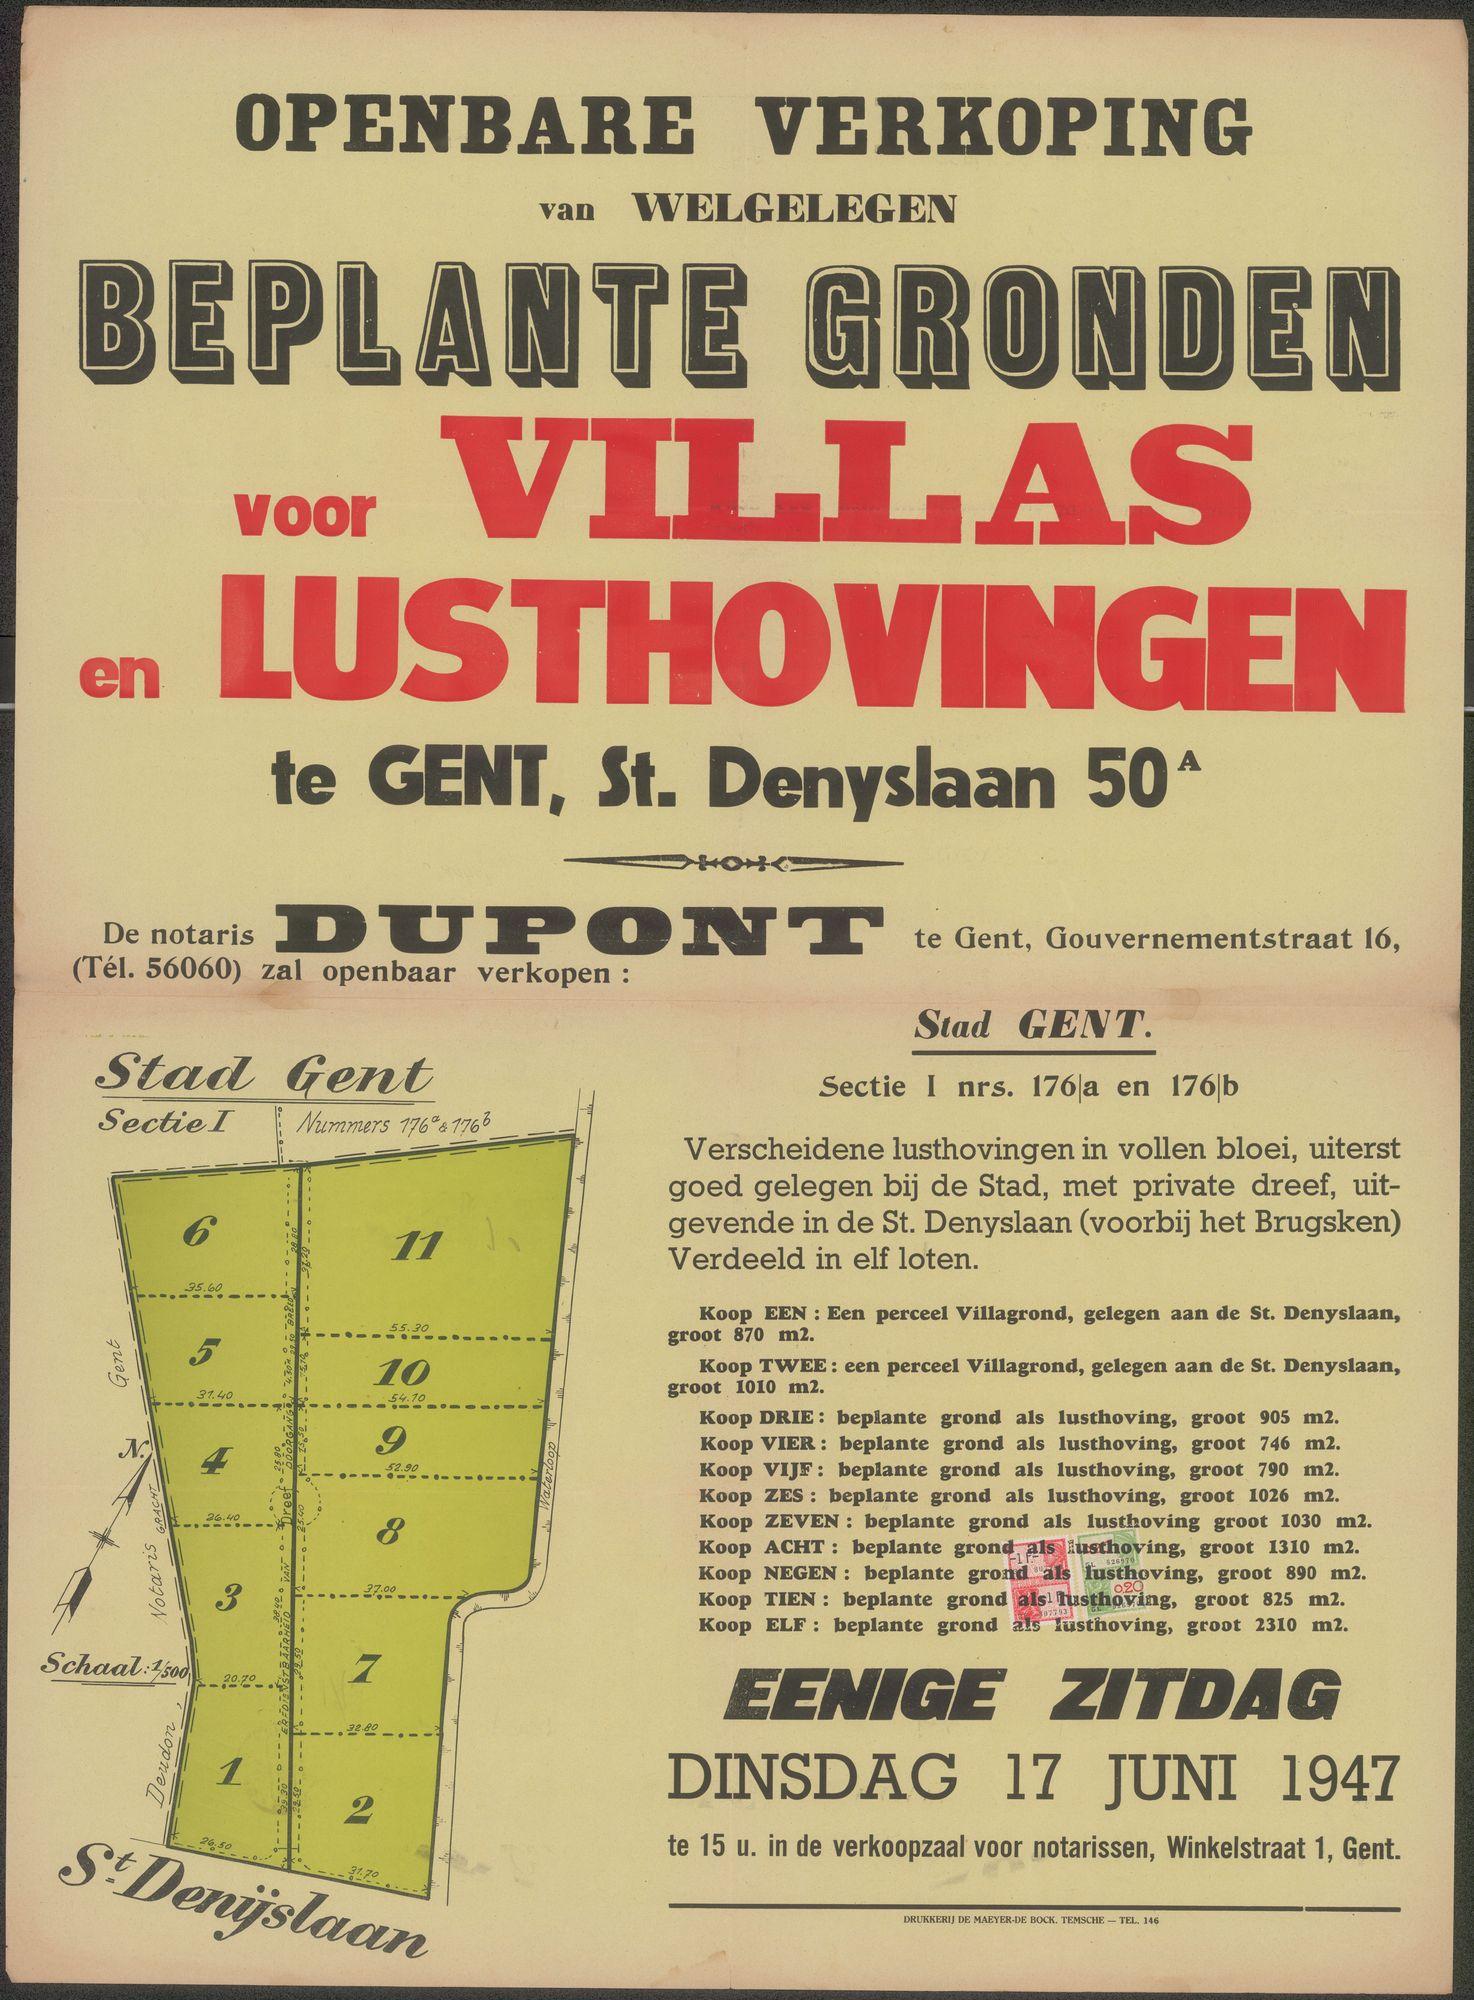 Openbare verkoop van welgelegen beplante gronden voor Villas en Lusthovingen te Gent, Sint-Denyslaan, nr.50, Gent, 17 juni 1947